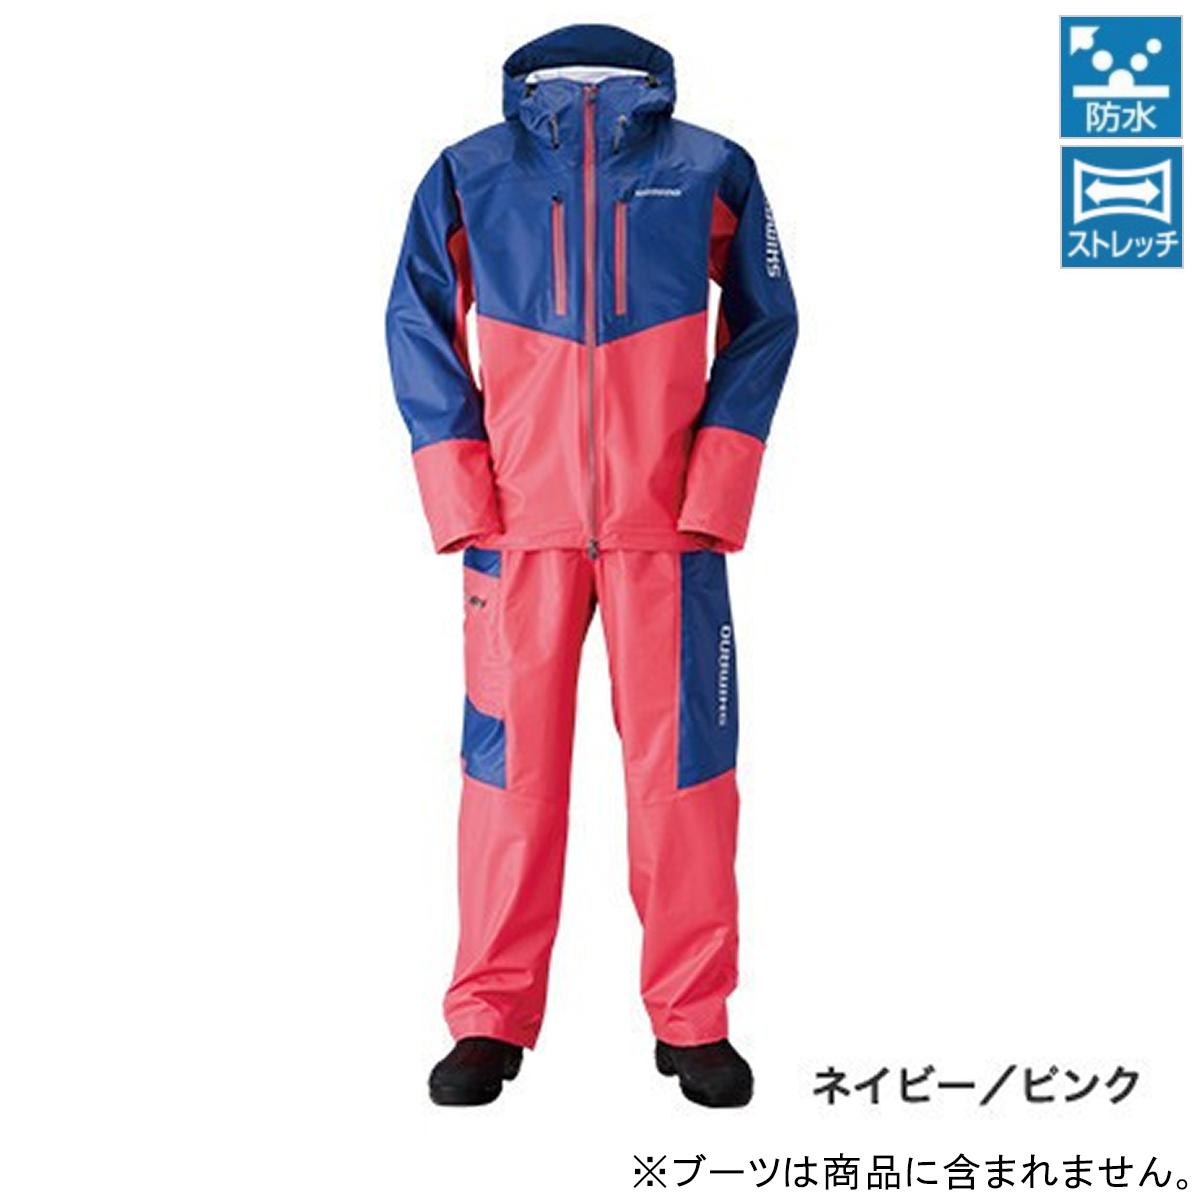 【8月30日エントリーで最大P36倍!】シマノ マリンライトスーツ RA-034N M ネイビー/ピンク